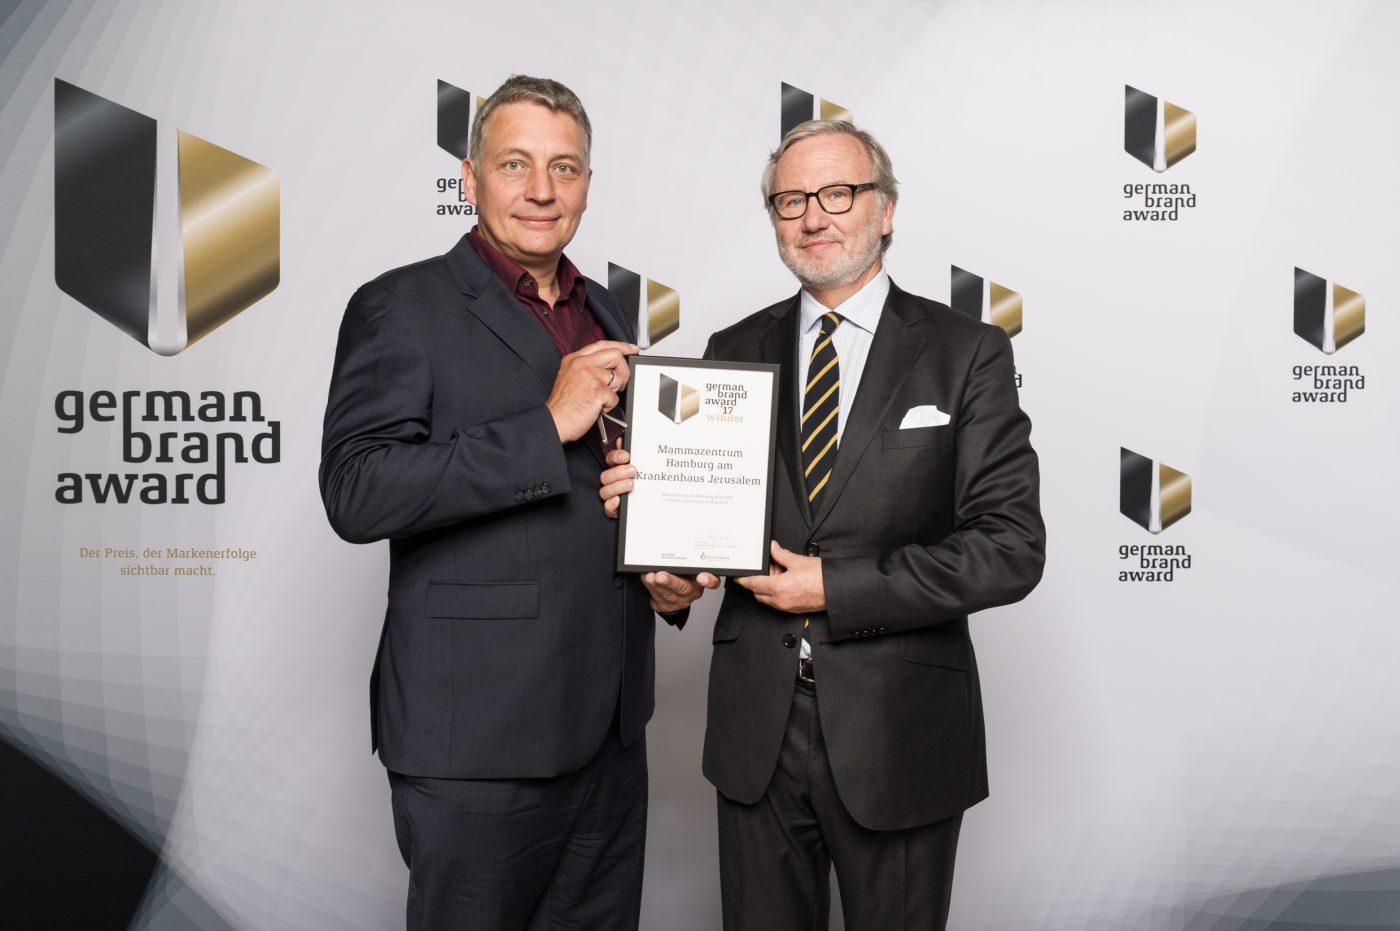 Dr. Timm C. Schlotfeldt und Designer Martin Zitzlaff bei der Überreichung des German Brand Award 2017 in Berlin